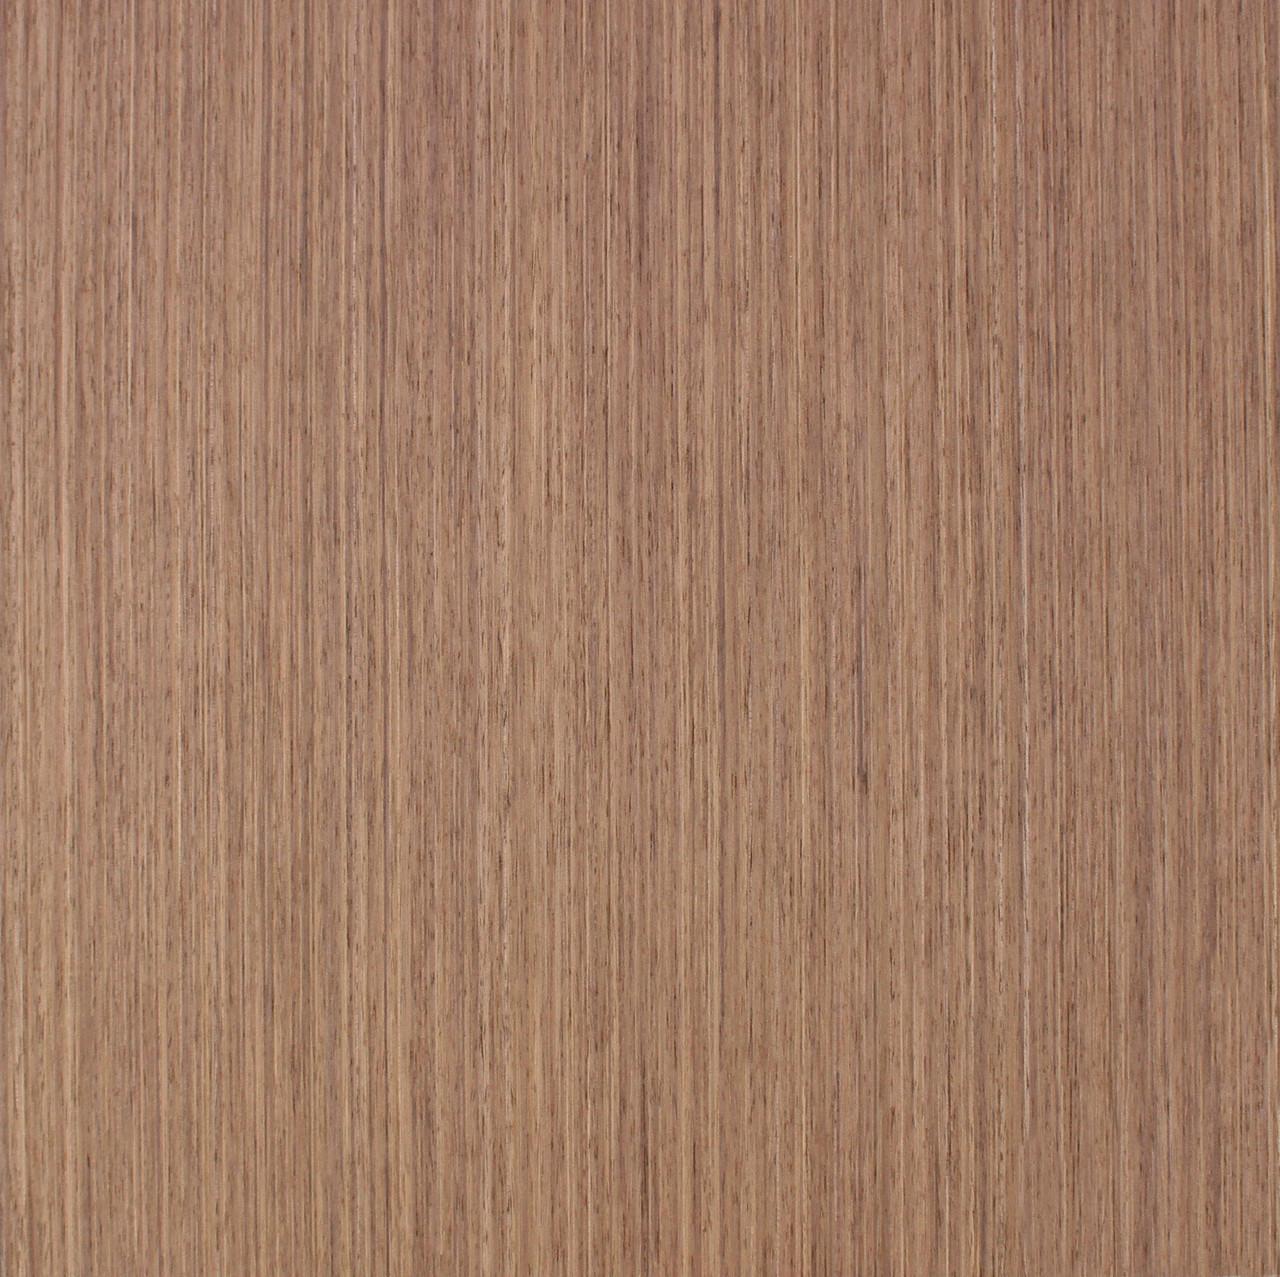 Walnut Linea Wood Veneer By Danzer Boards Oakwood